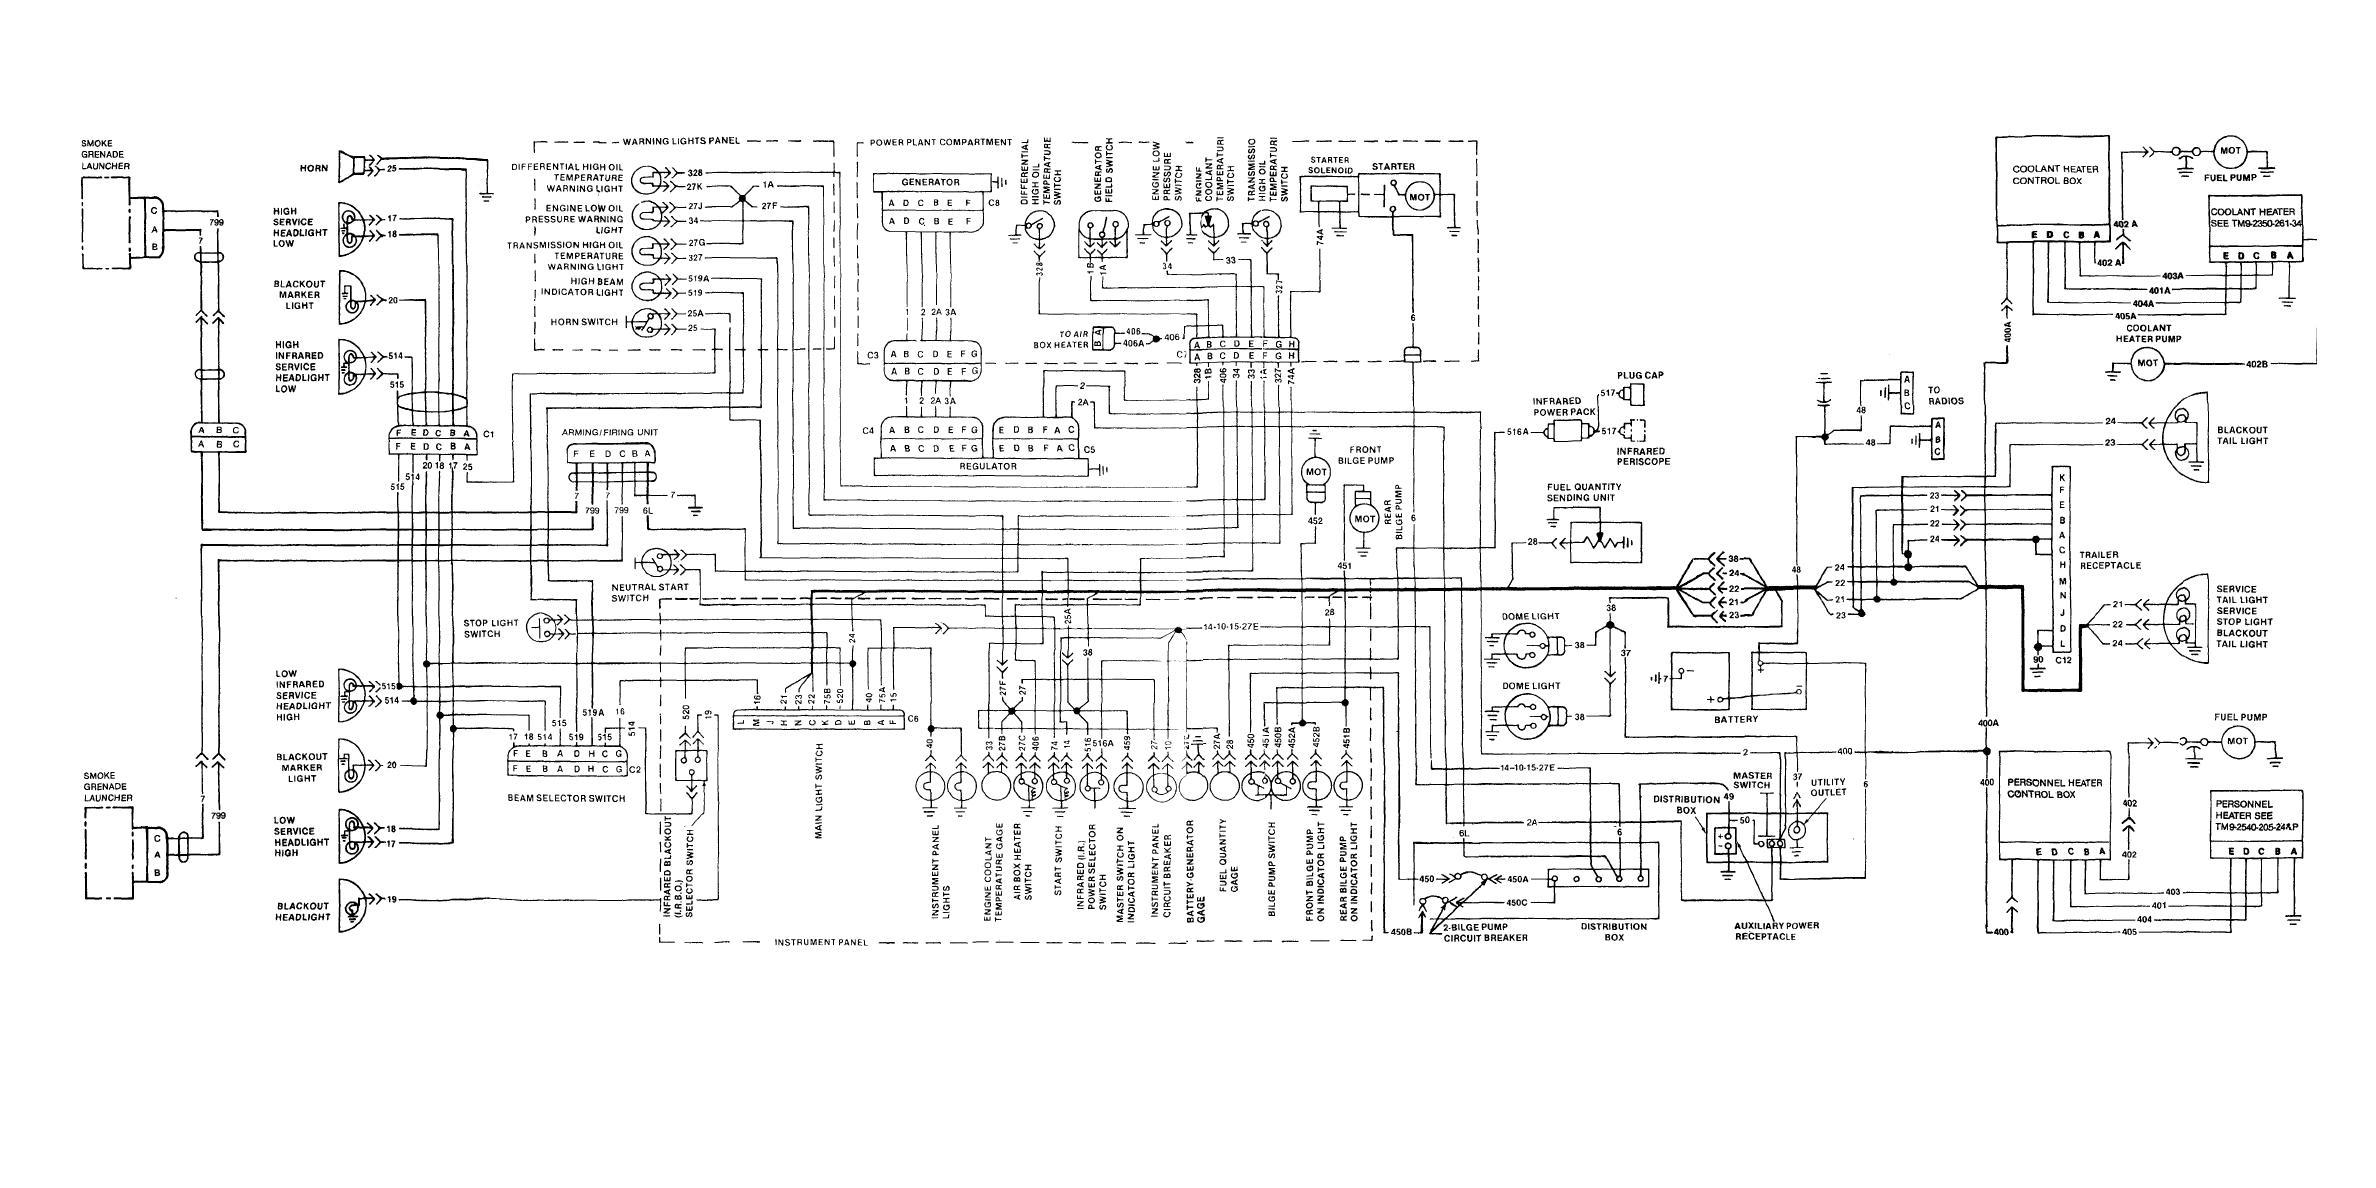 Limitorque L120 40 Wiring Diagram  Somurich